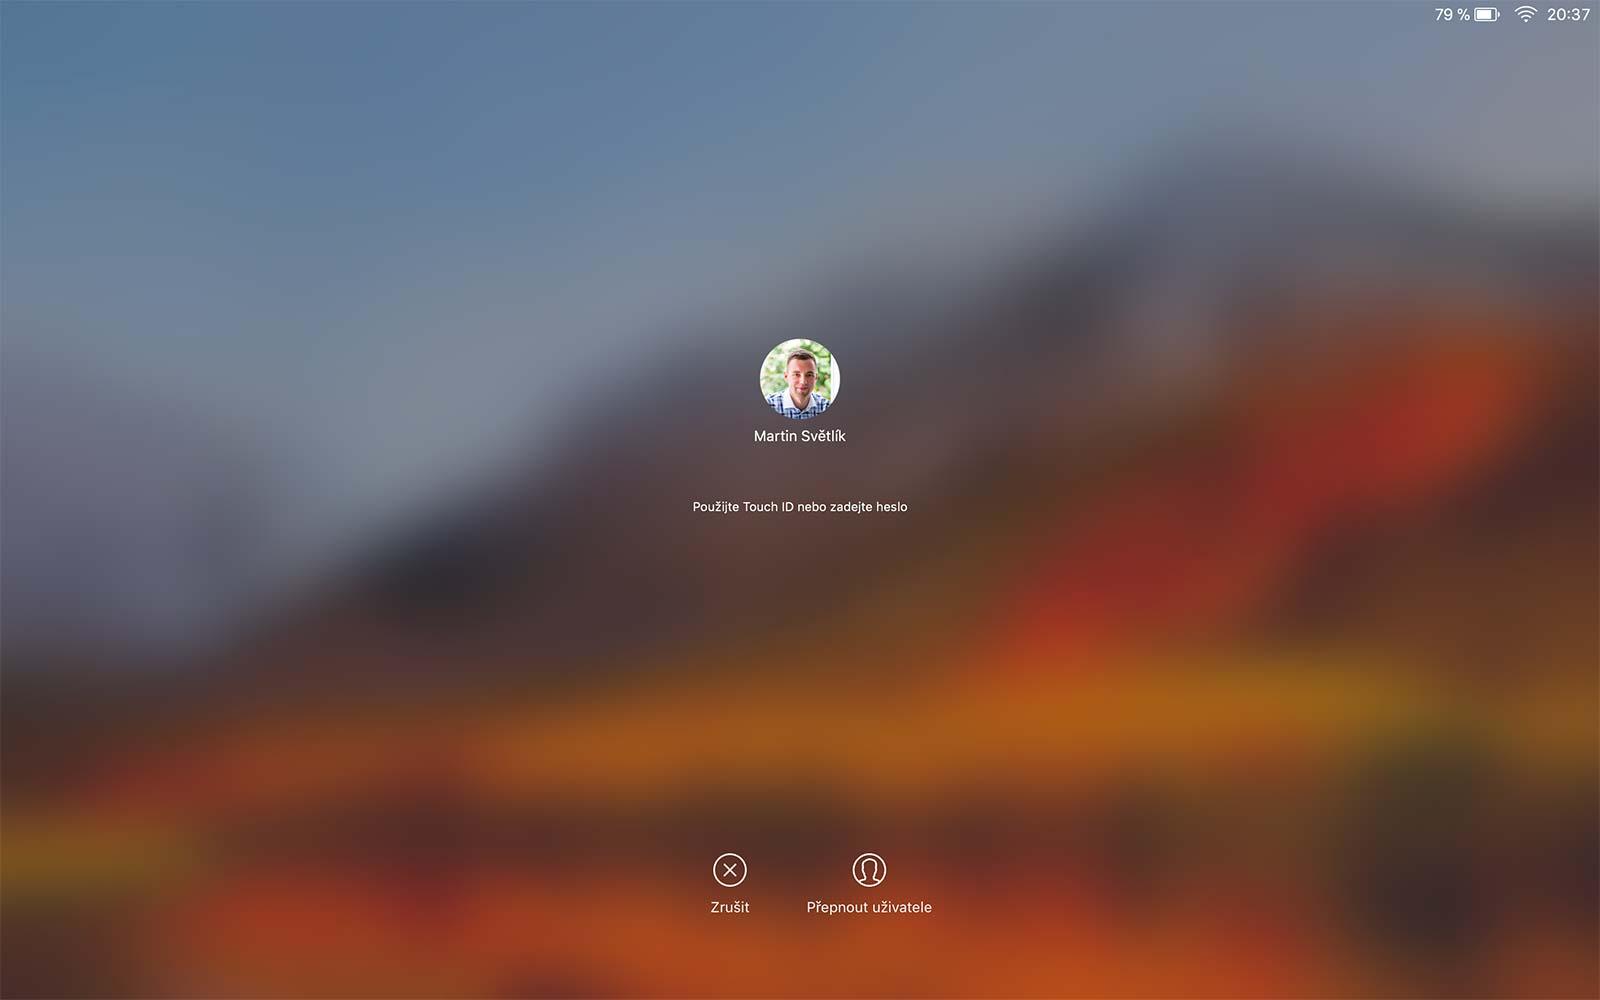 Zamčená obrazovka